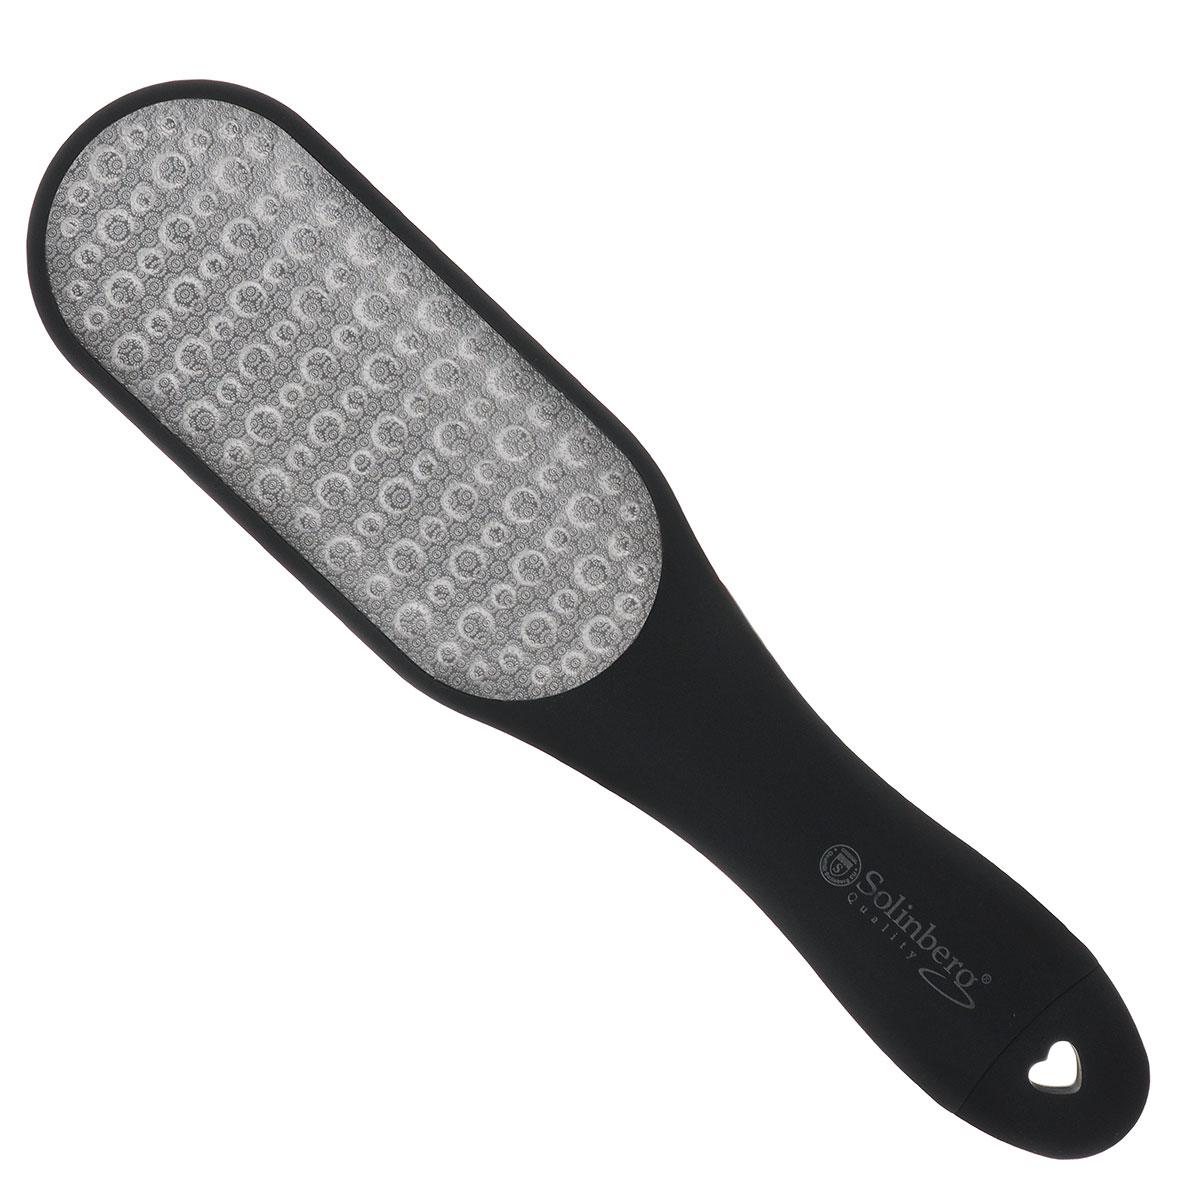 Solinberg Терка для обработки мозолей и огрубевшей кожи ног GD-4240DS, двусторонняя261-4240Двусторонняя вогнутая терка с лазерными насечками и пилочкой для ногтей предназначена для ухода за огрубевшей кожей ног. Способ применения: распарьте ступни ног и равномерными движениями удалите загрубевшую кожу. Пилочкой в ручке терки, при необходимости, обработайте ногти. После процедуры смажьте ступни смягчающим кремом. Товар сертифицирован.